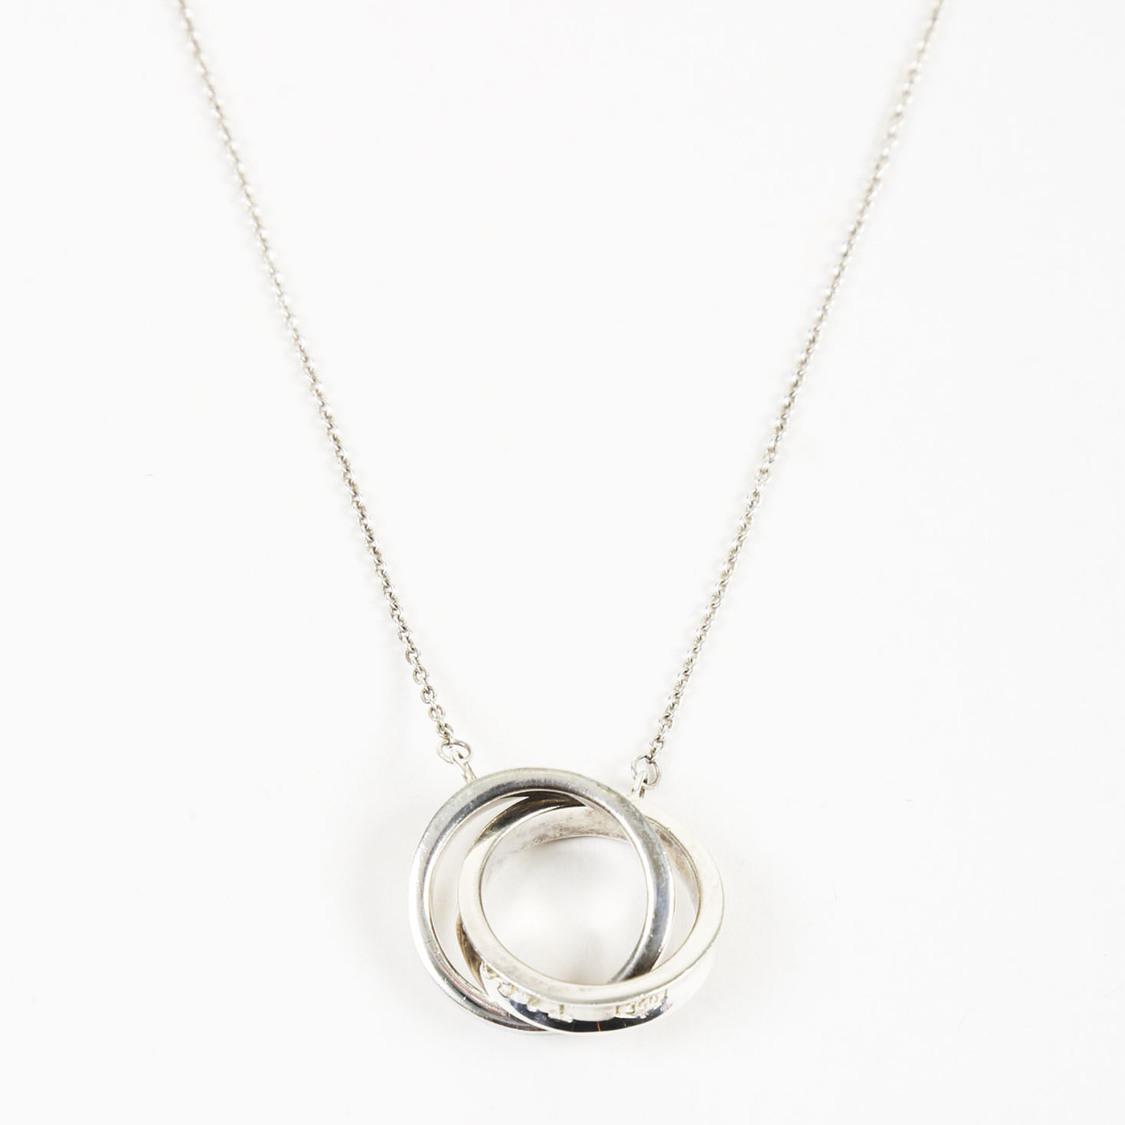 b51ad0951 Tiffany & Co. Sterling Silver